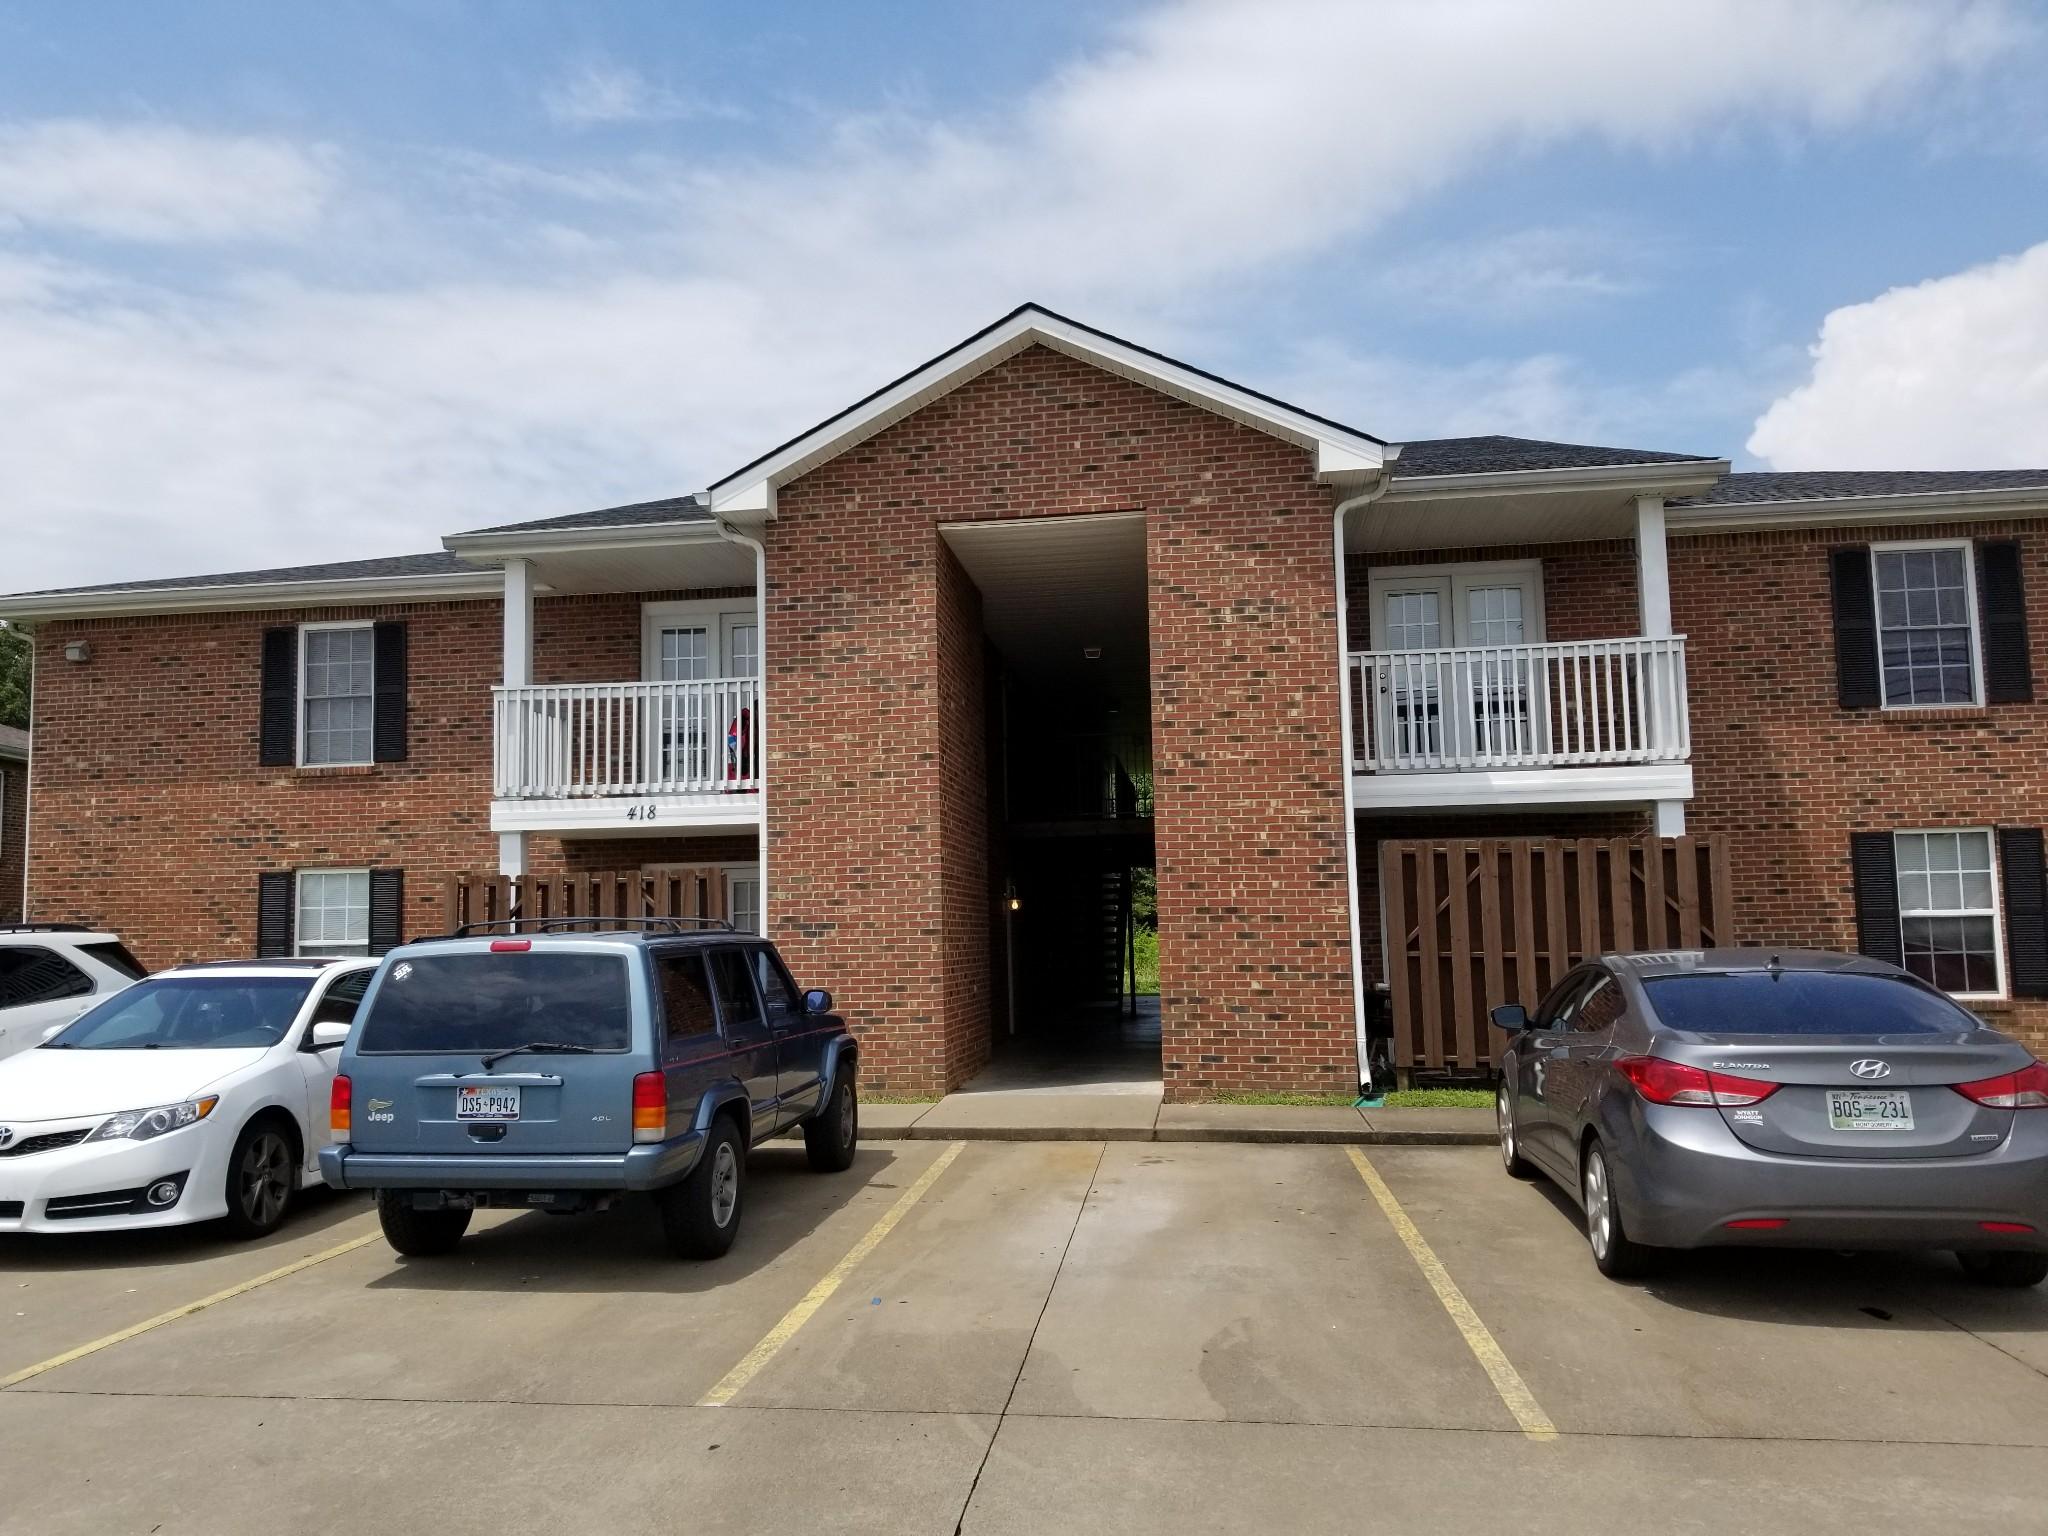 418 Jack Miller Blvd #H Property Photo - Clarksville, TN real estate listing